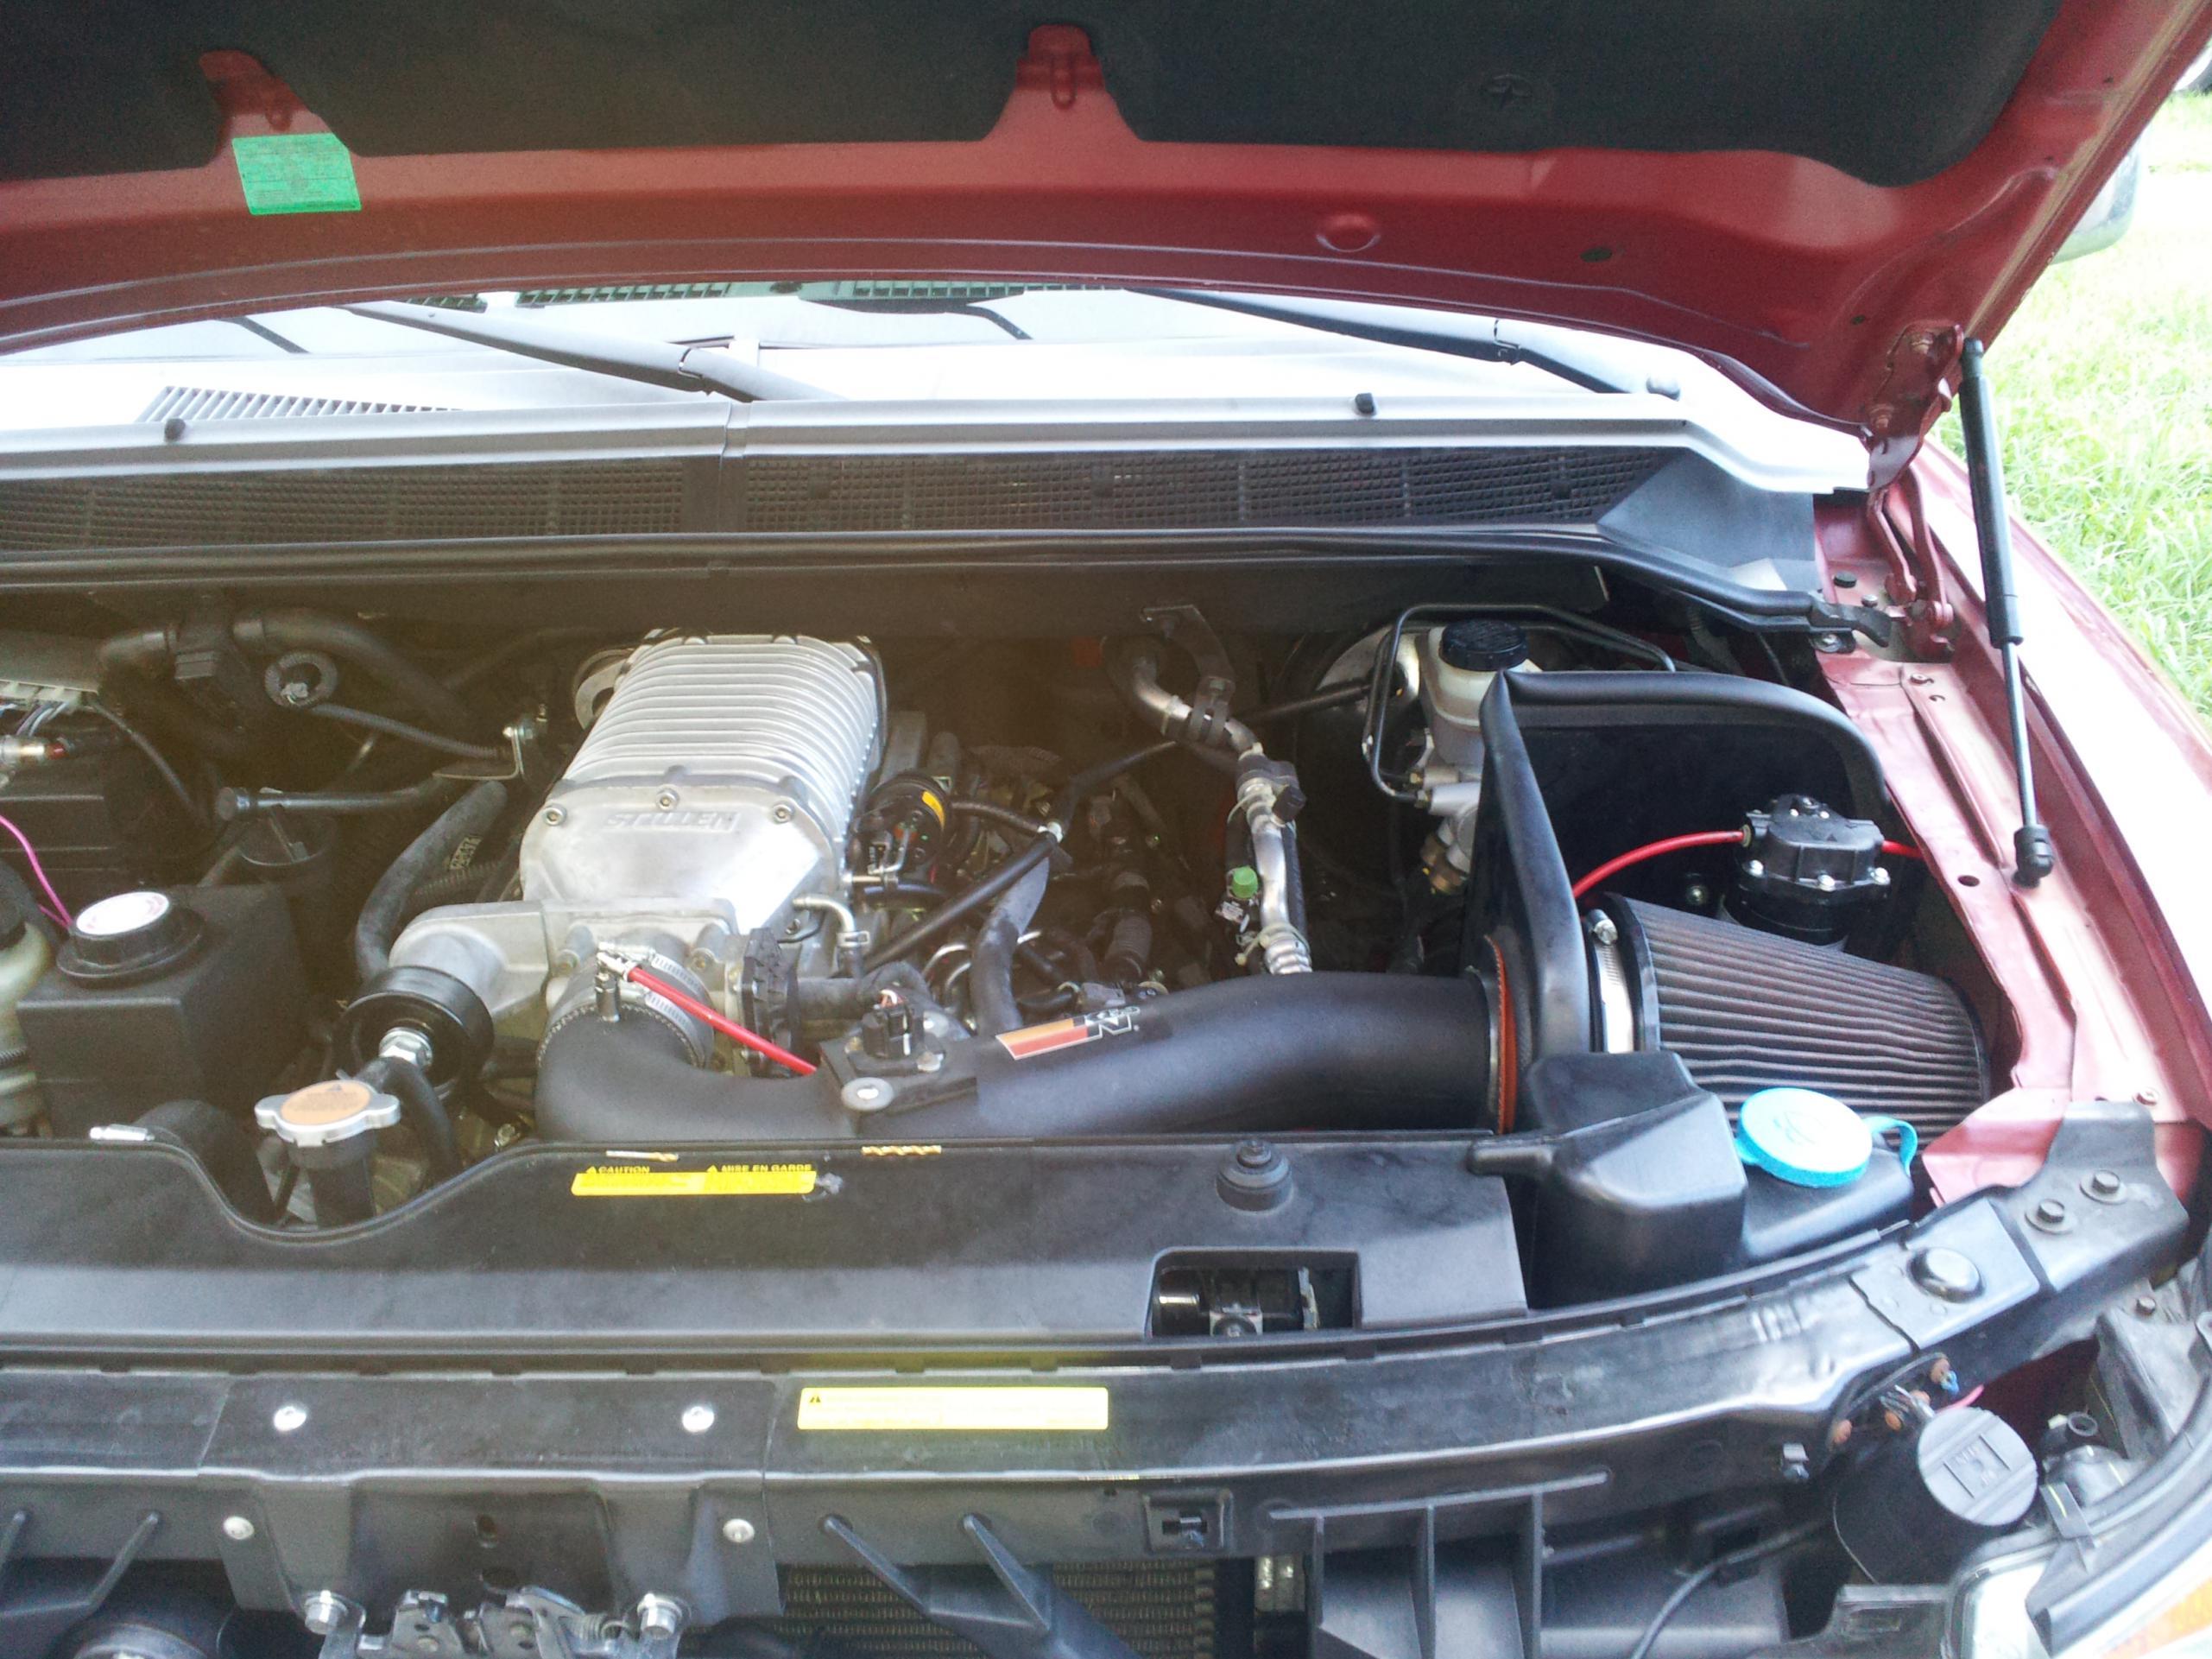 Stillen supercharger 2011 08 13 18 20 58 jpg